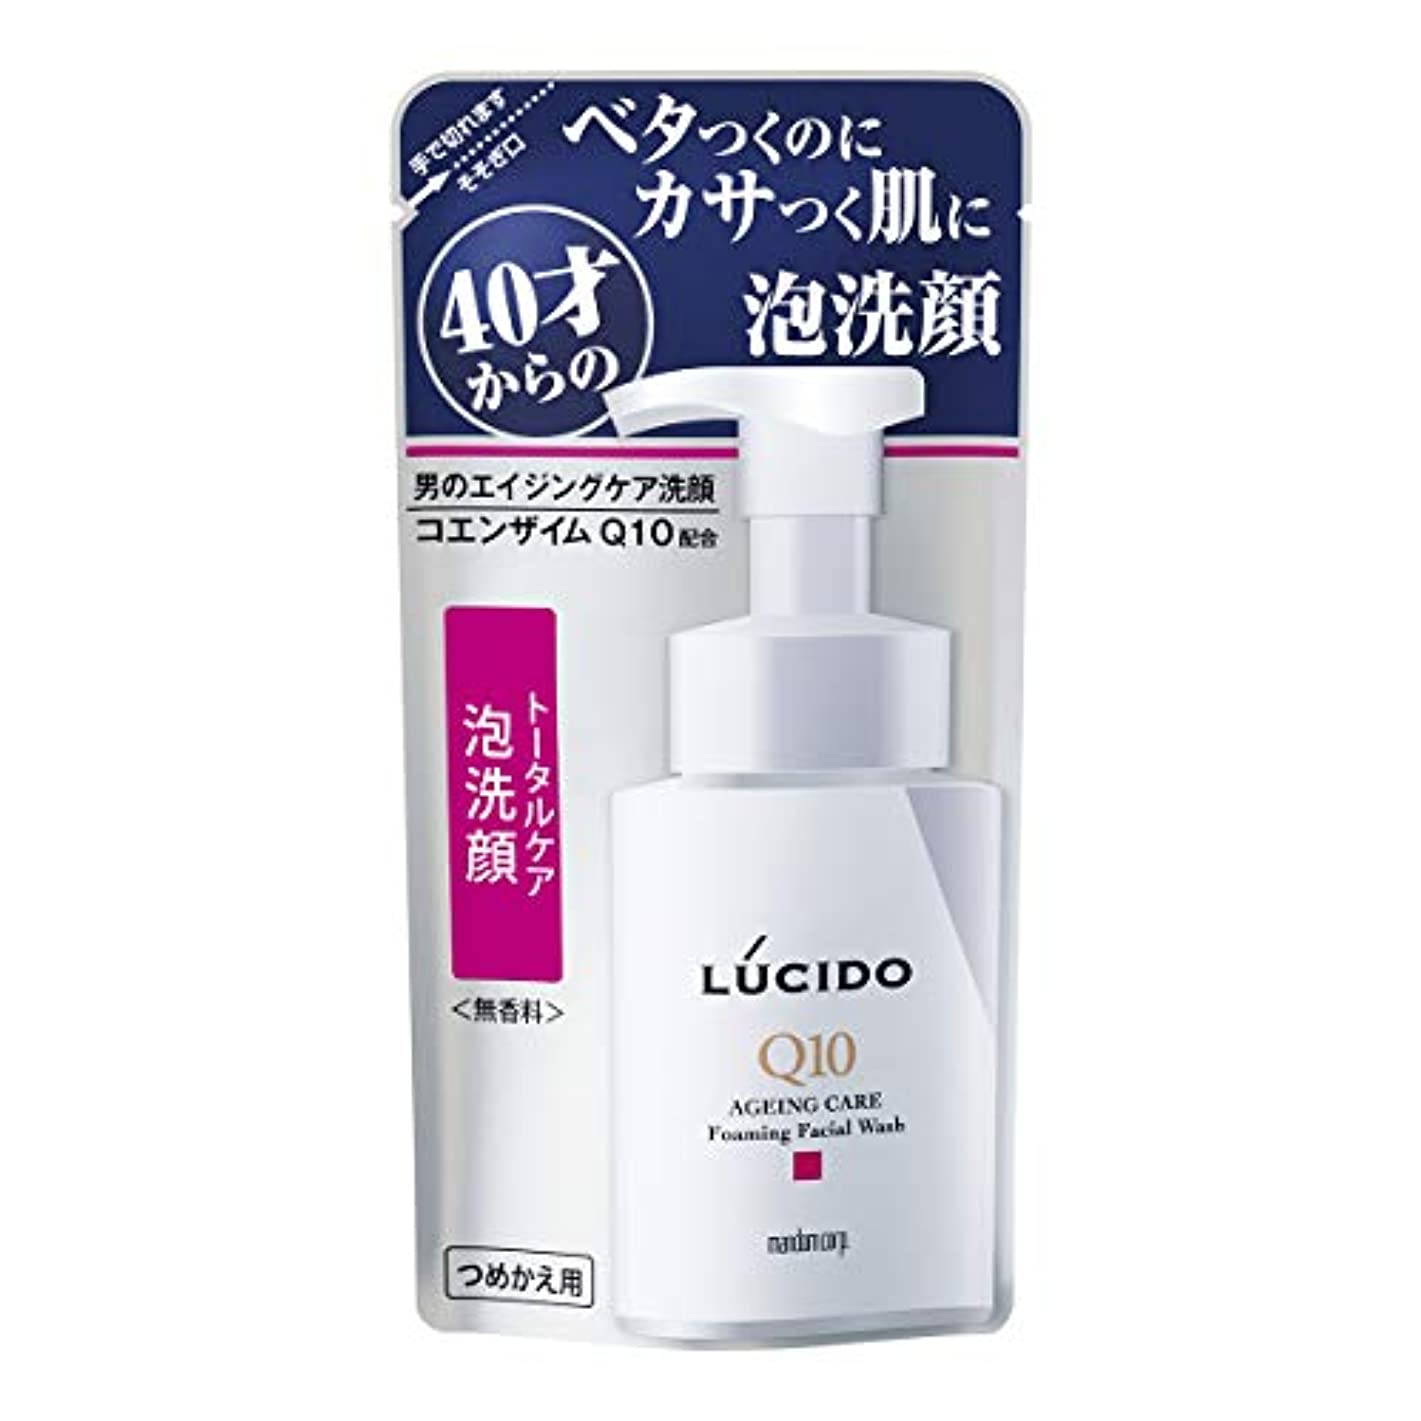 病なダーベビルのテスミシン目LUCIDO(ルシード) トータルケア泡洗顔 つめかえ用 Q10 130mL